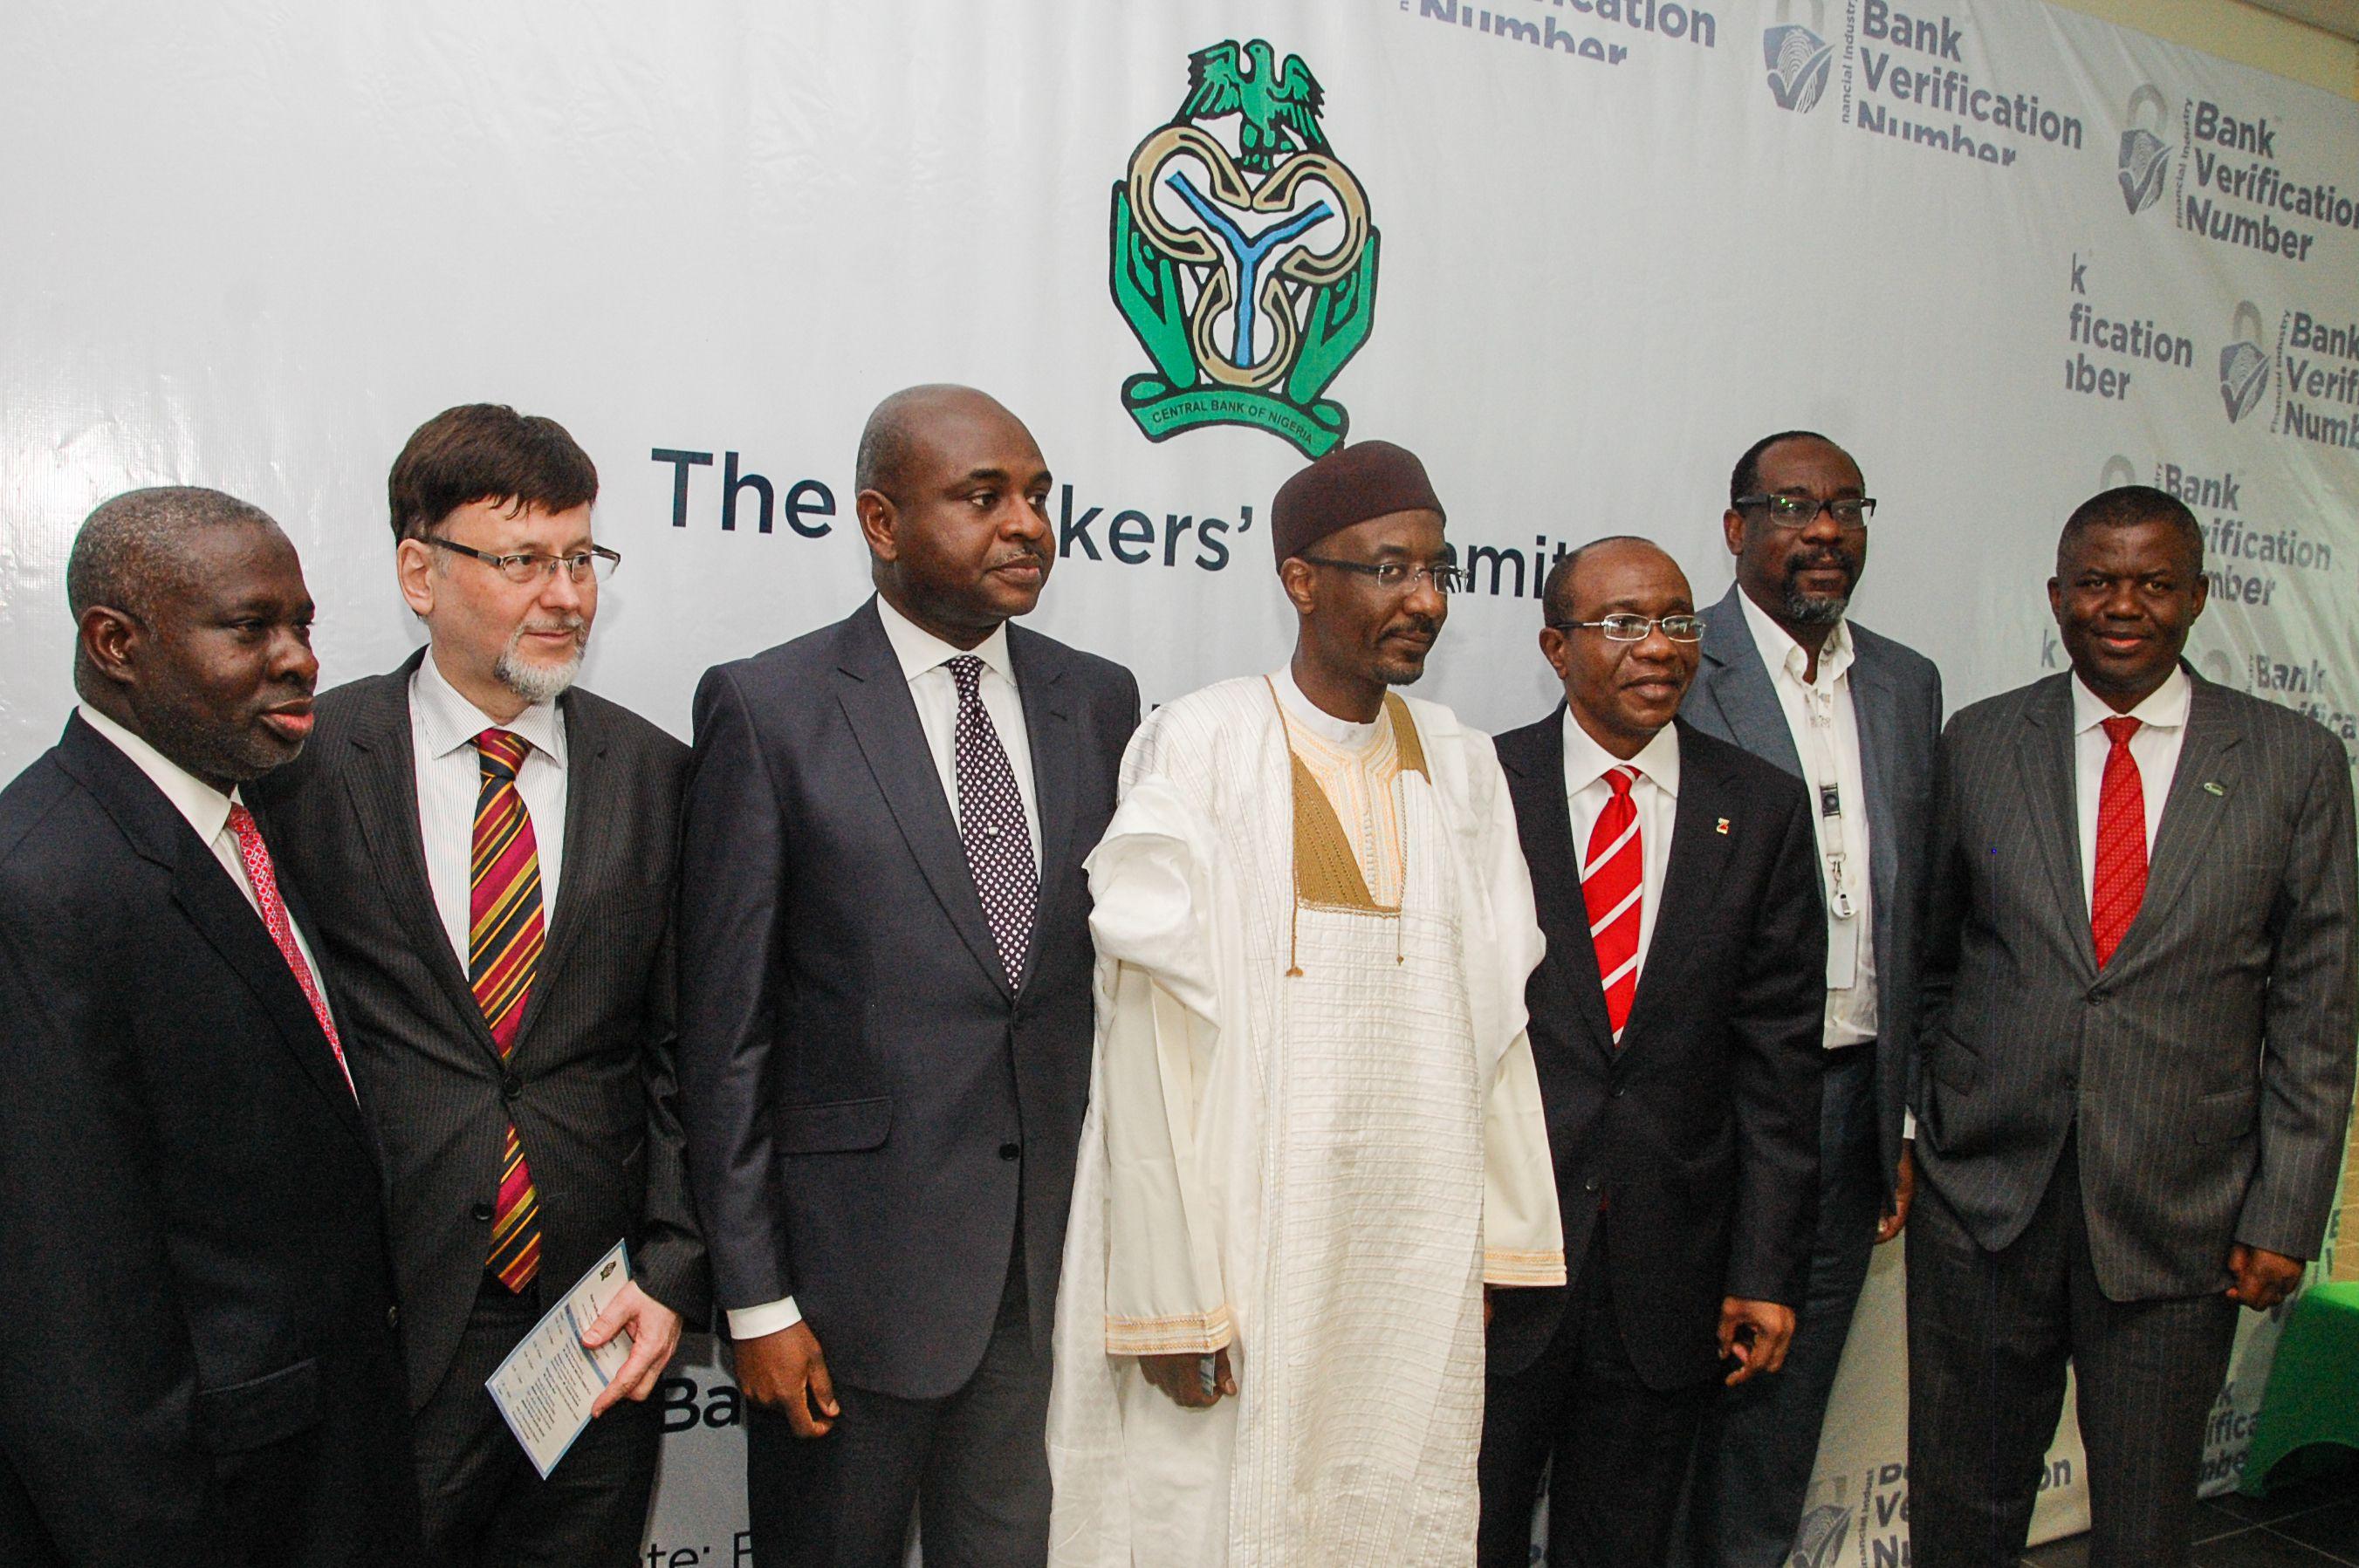 DERMALOG gewinnt 50-Millionen-Dollar Projekt der Nigerianischen Banken